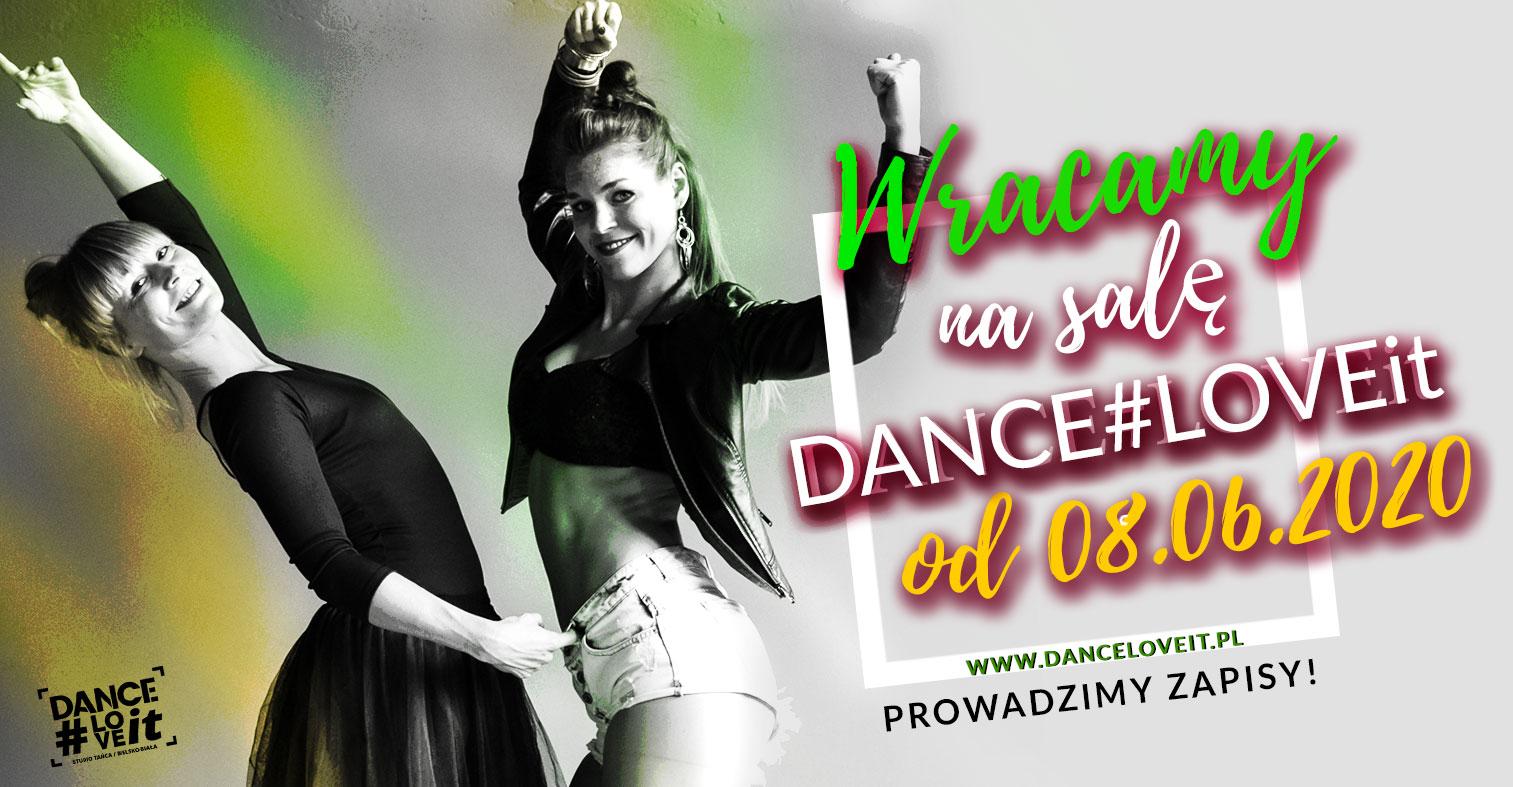 wracamy-na-sale-zapisy-wznawiamy-kursy-zajęcia-taneczne-szkoła-tańca-bielsko-biała-danceloveit